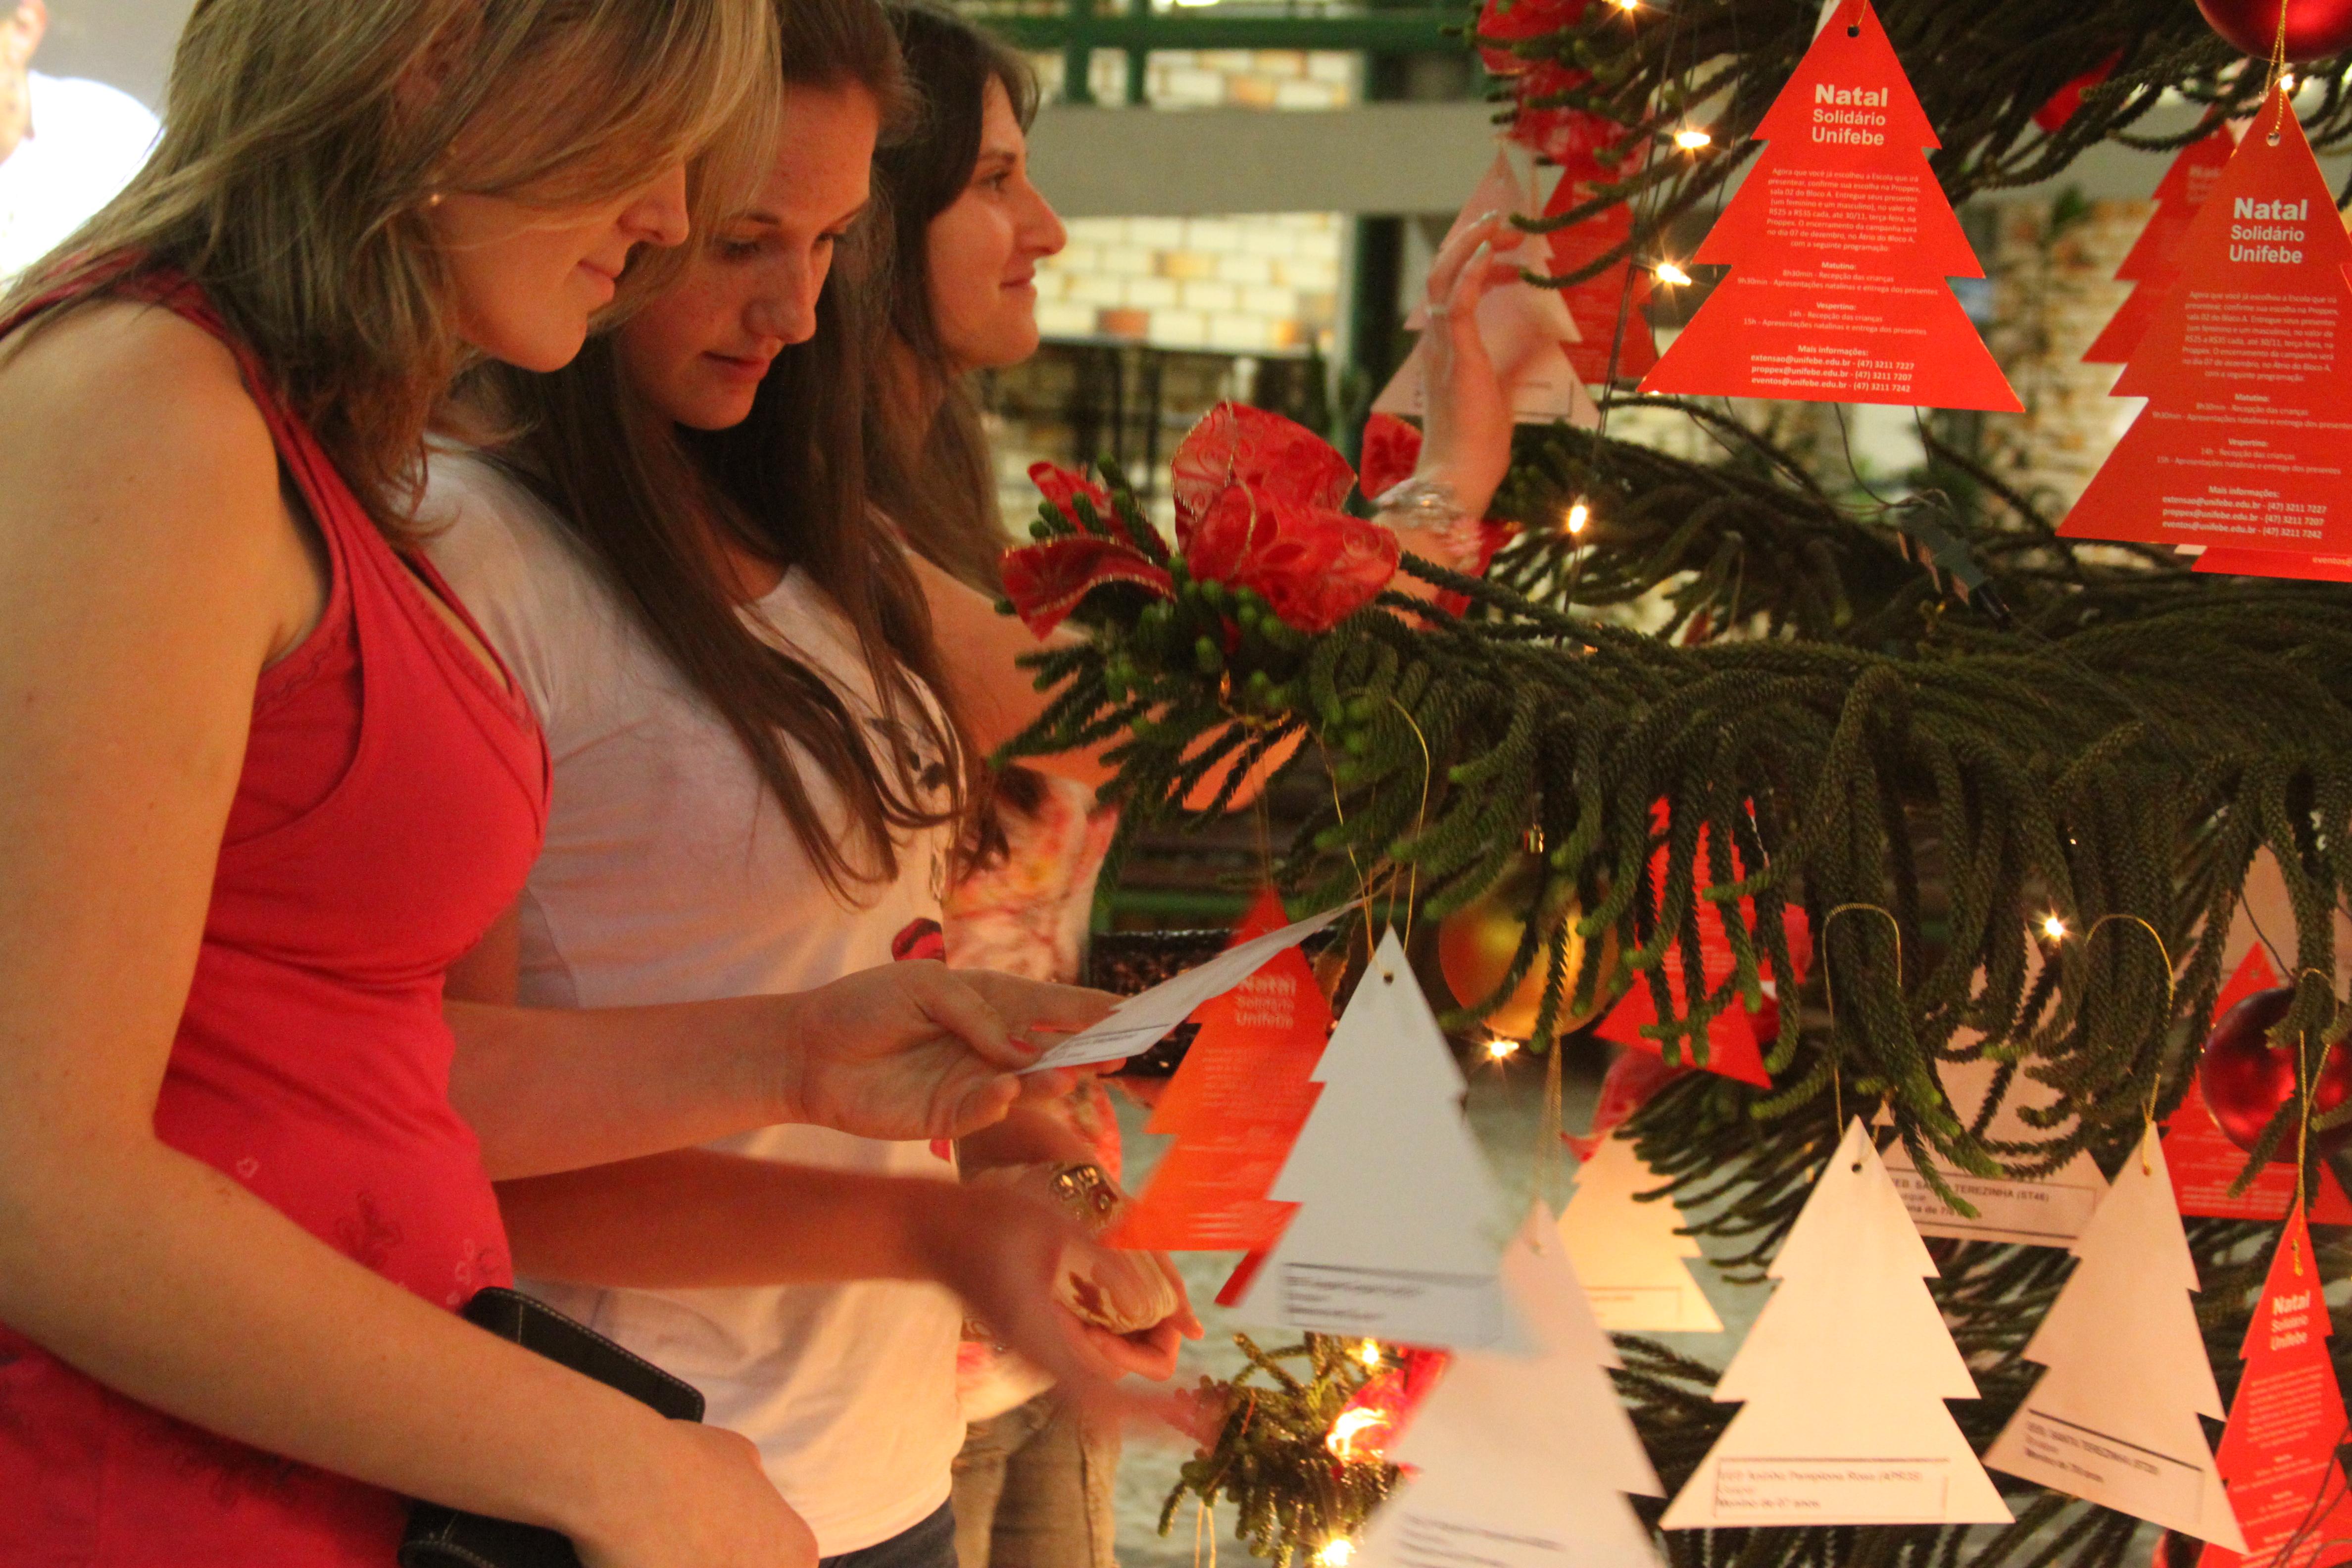 Campanha Natal Solidário é lançada na Unifebe